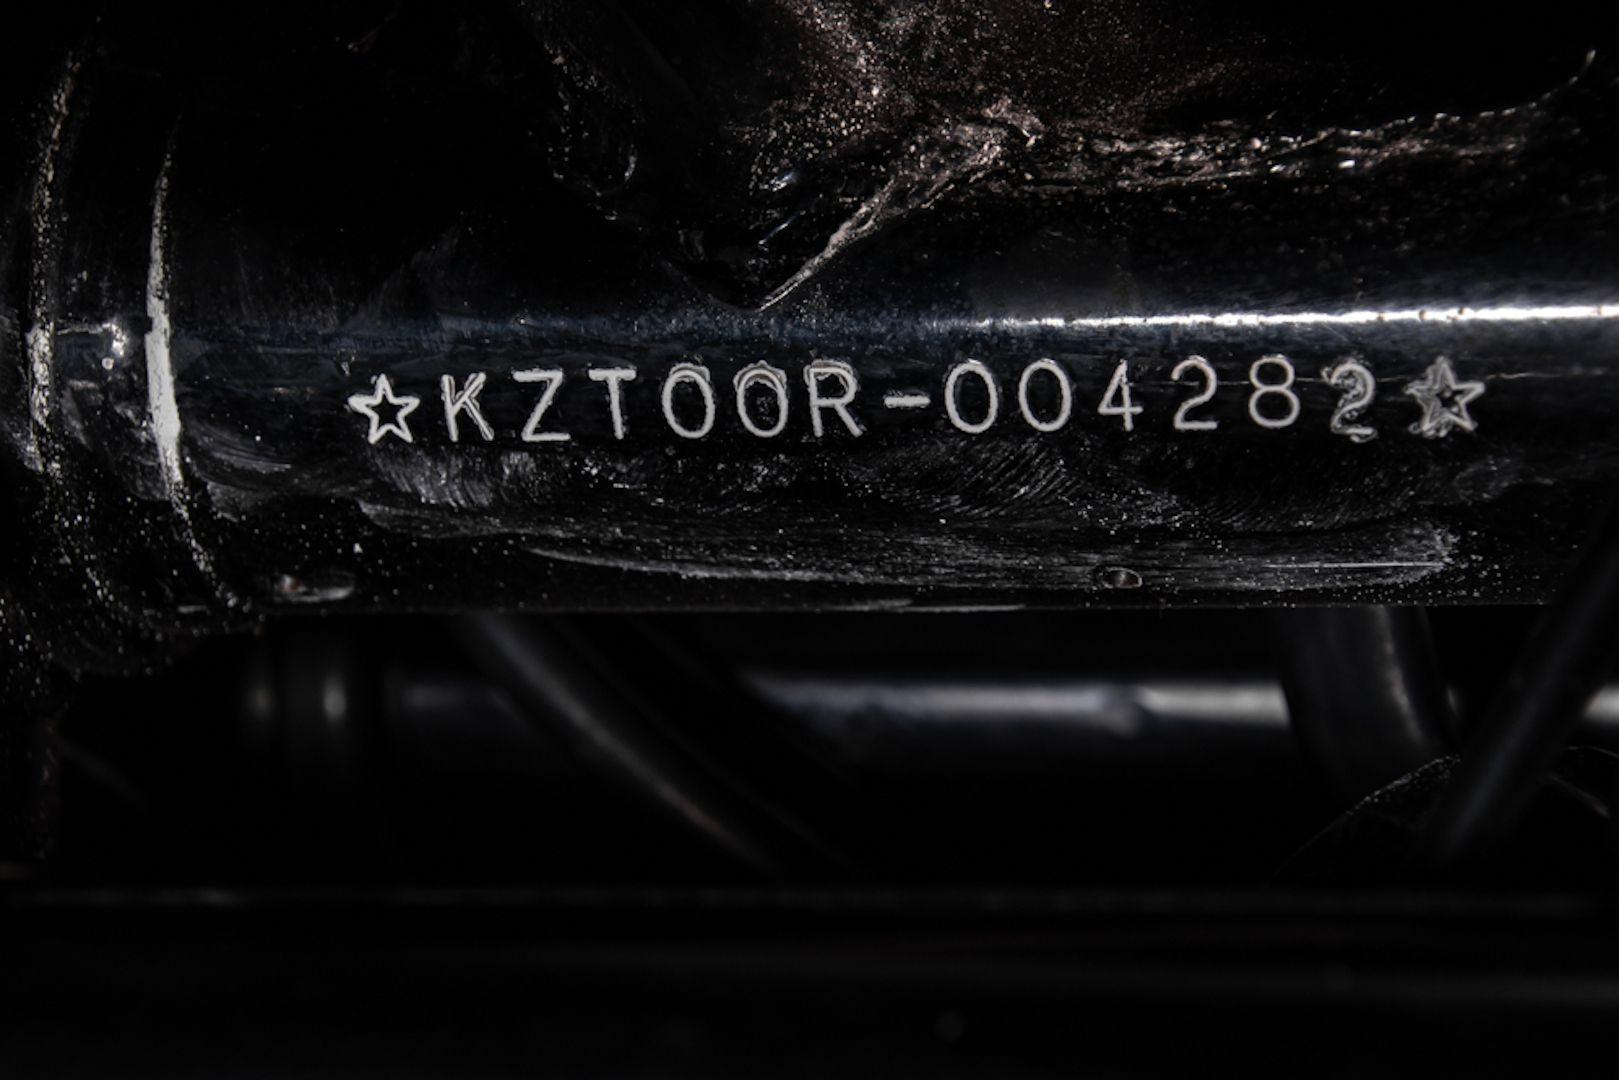 1985 Kawasaki 1000 Z1R 85021